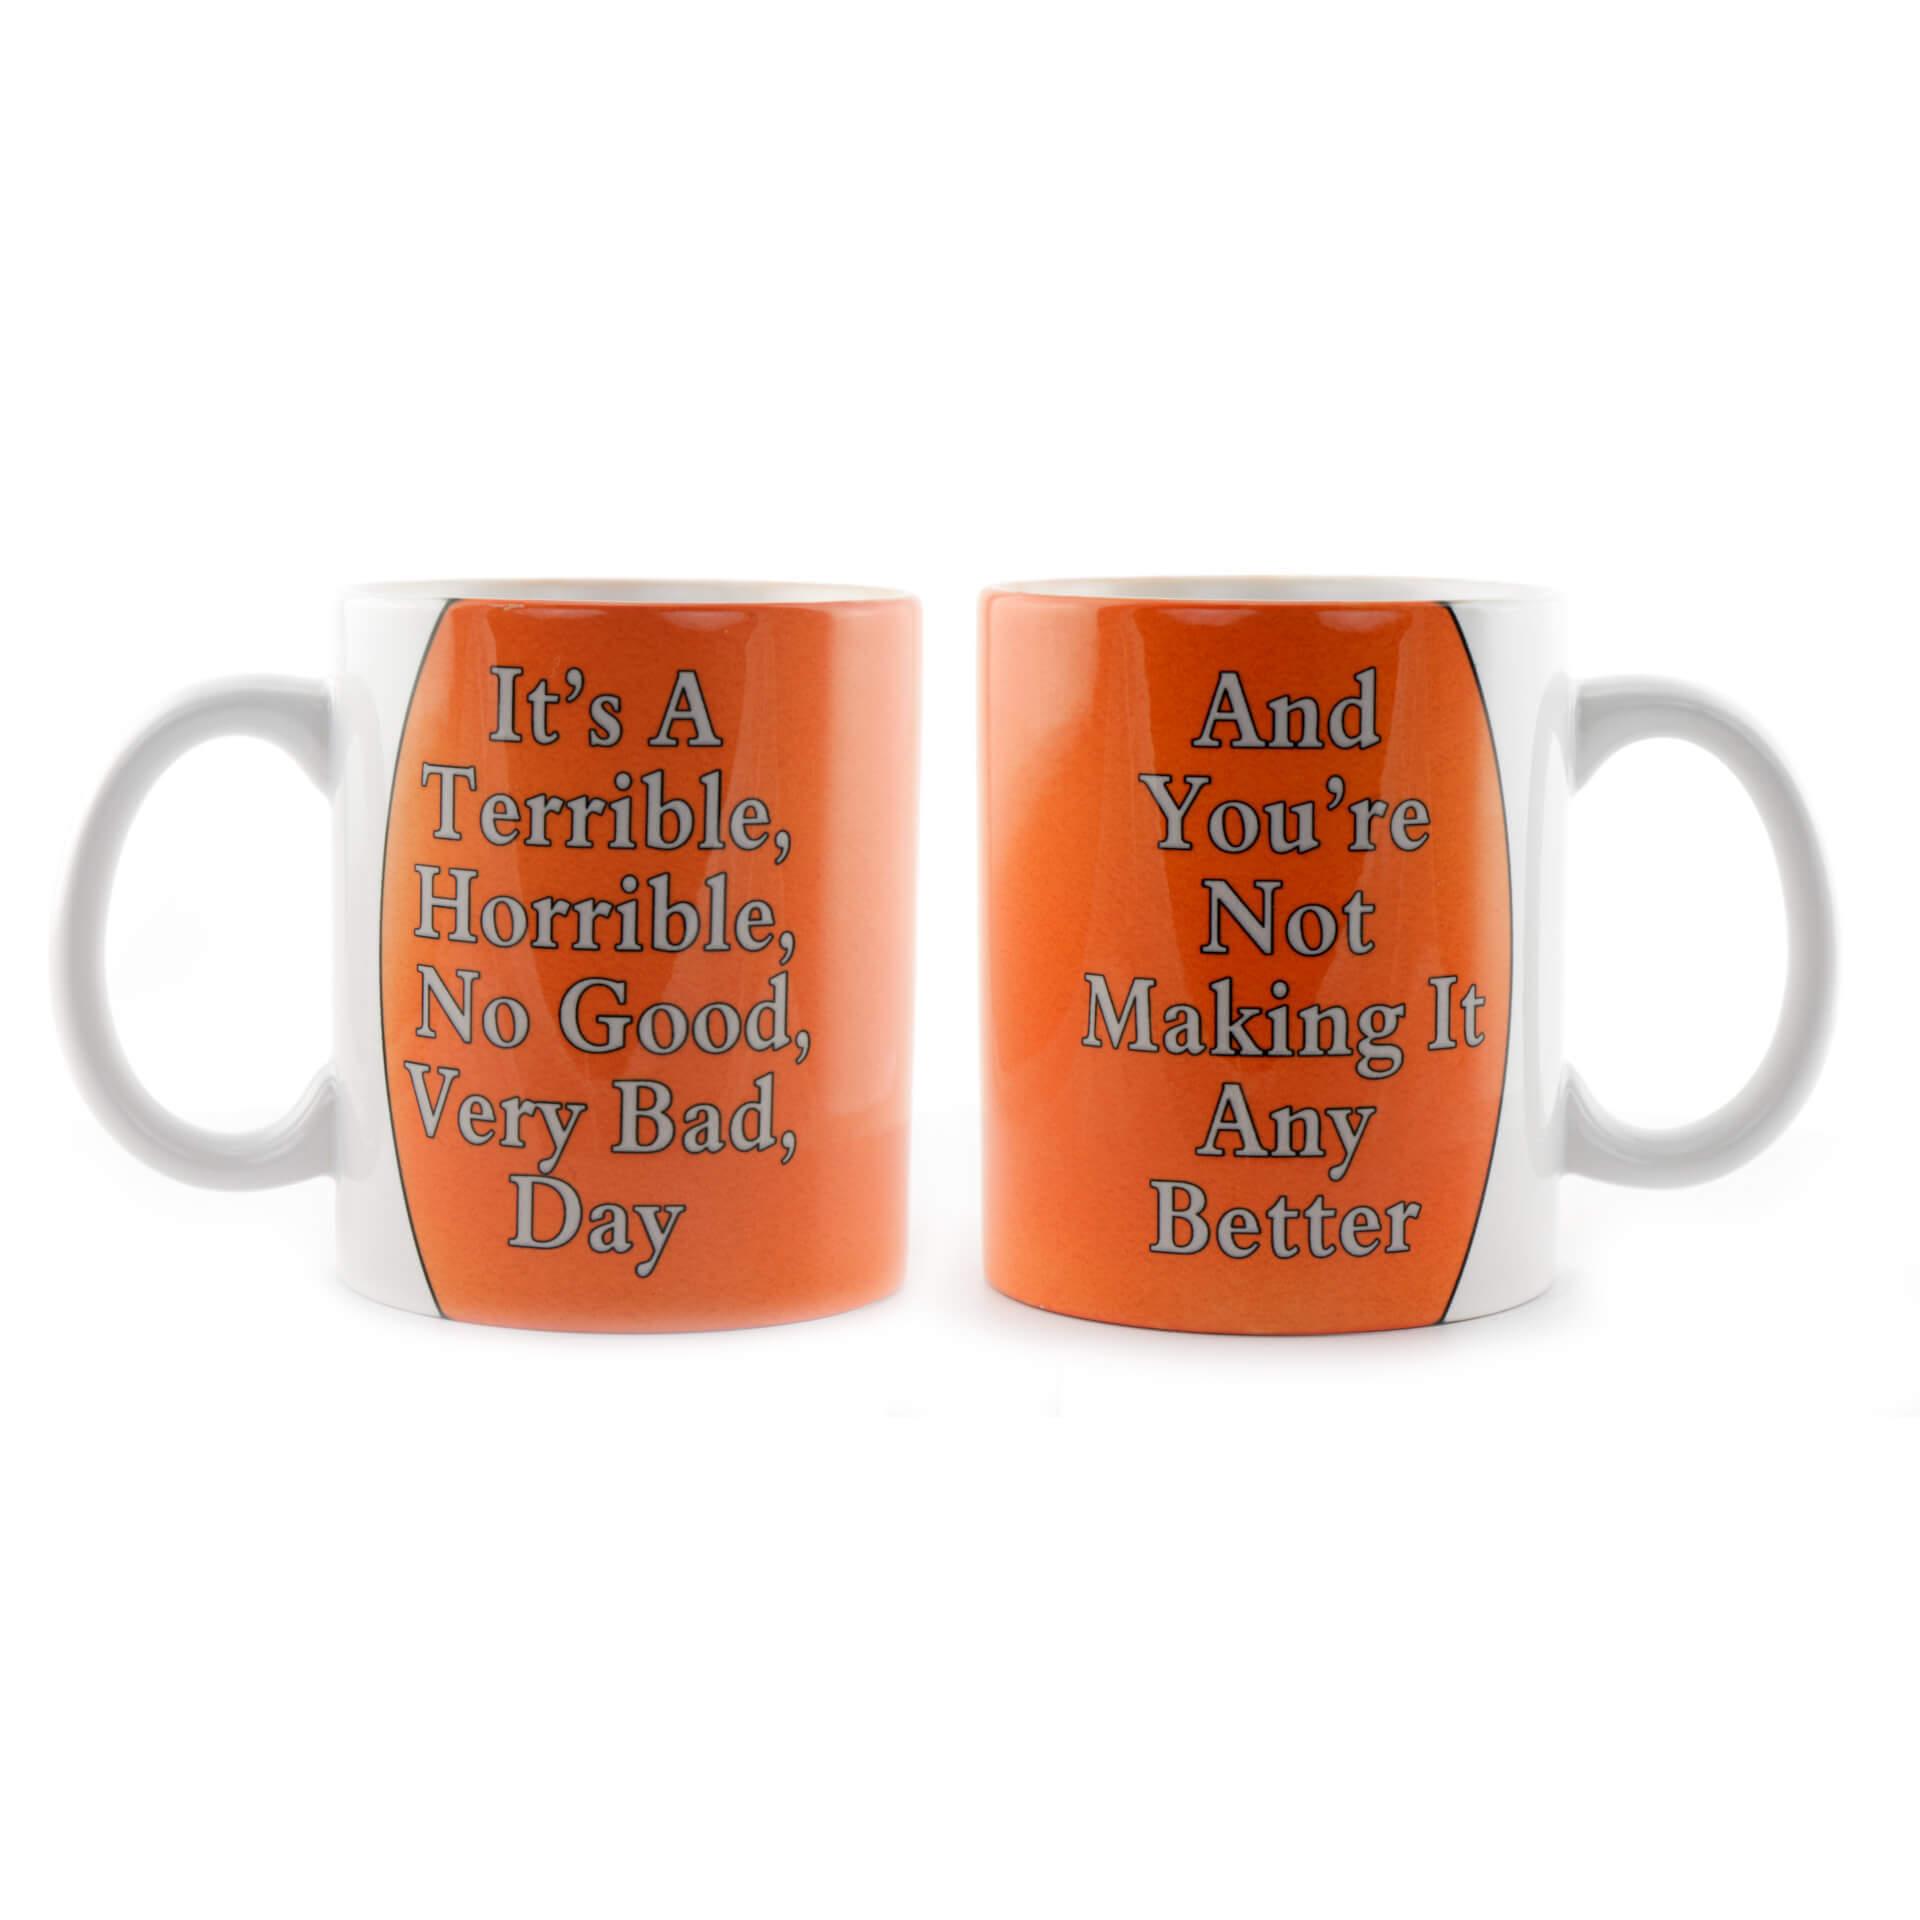 It's A Terrible, Horrible, No Good, Very Bad Day Mug